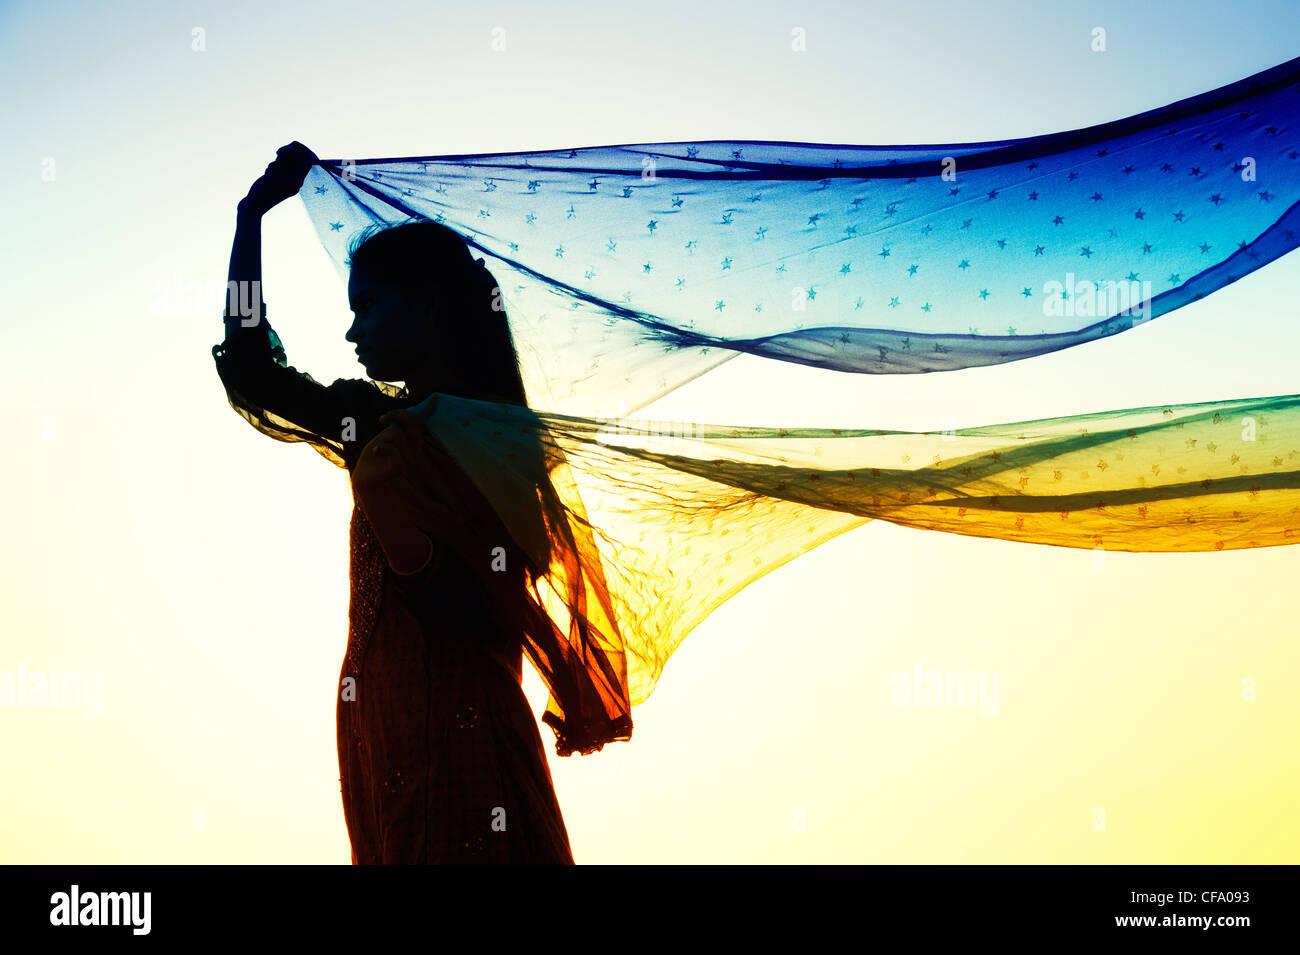 Niña India con estrellas velos estampados en el viento. Silueta Imagen De Stock